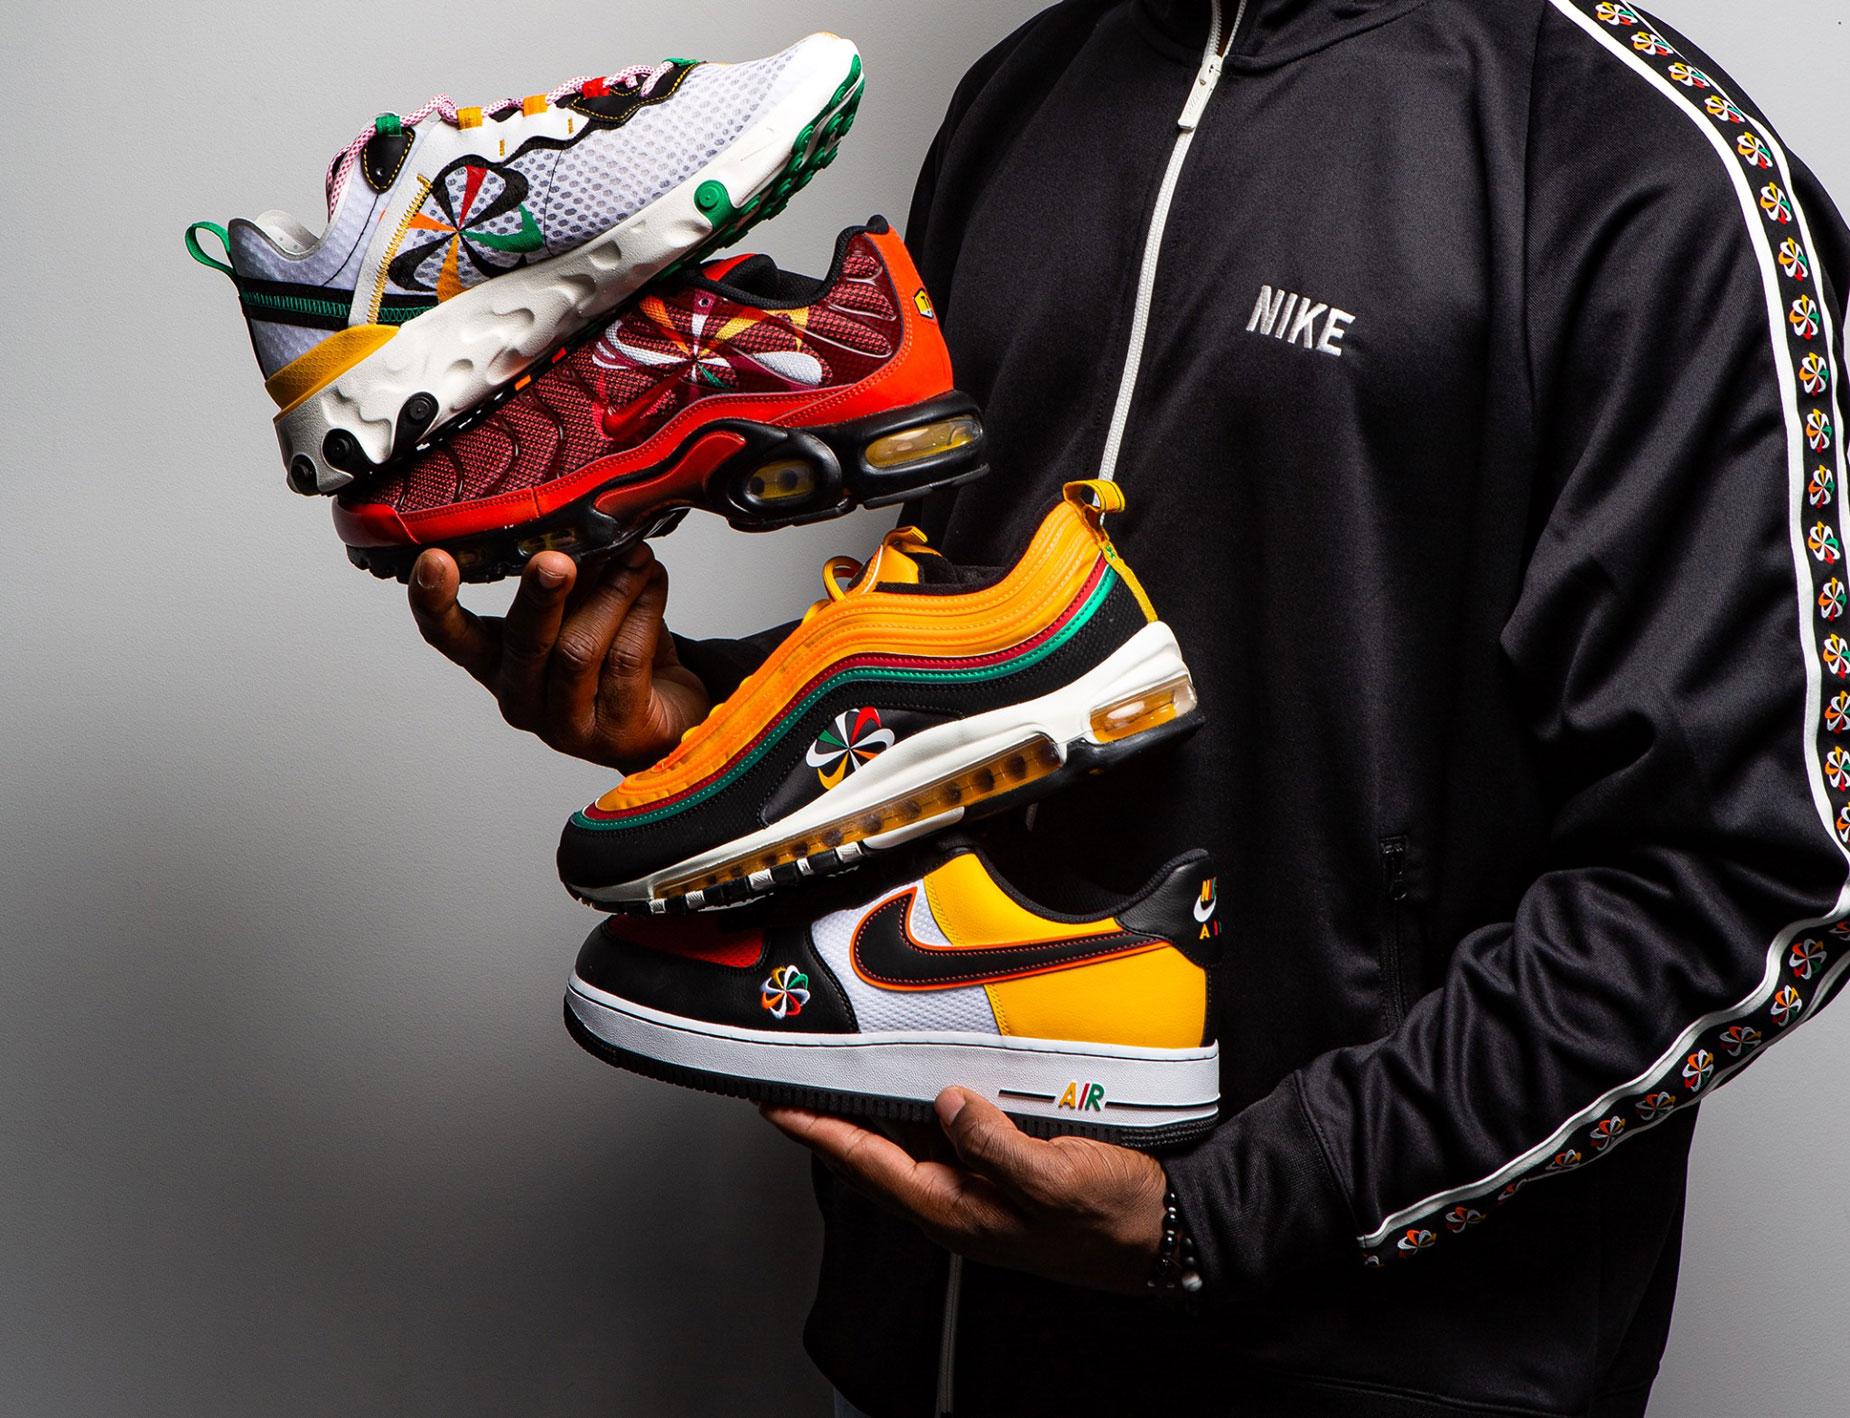 nike-sportswear-sunburst-clothing-sneakers